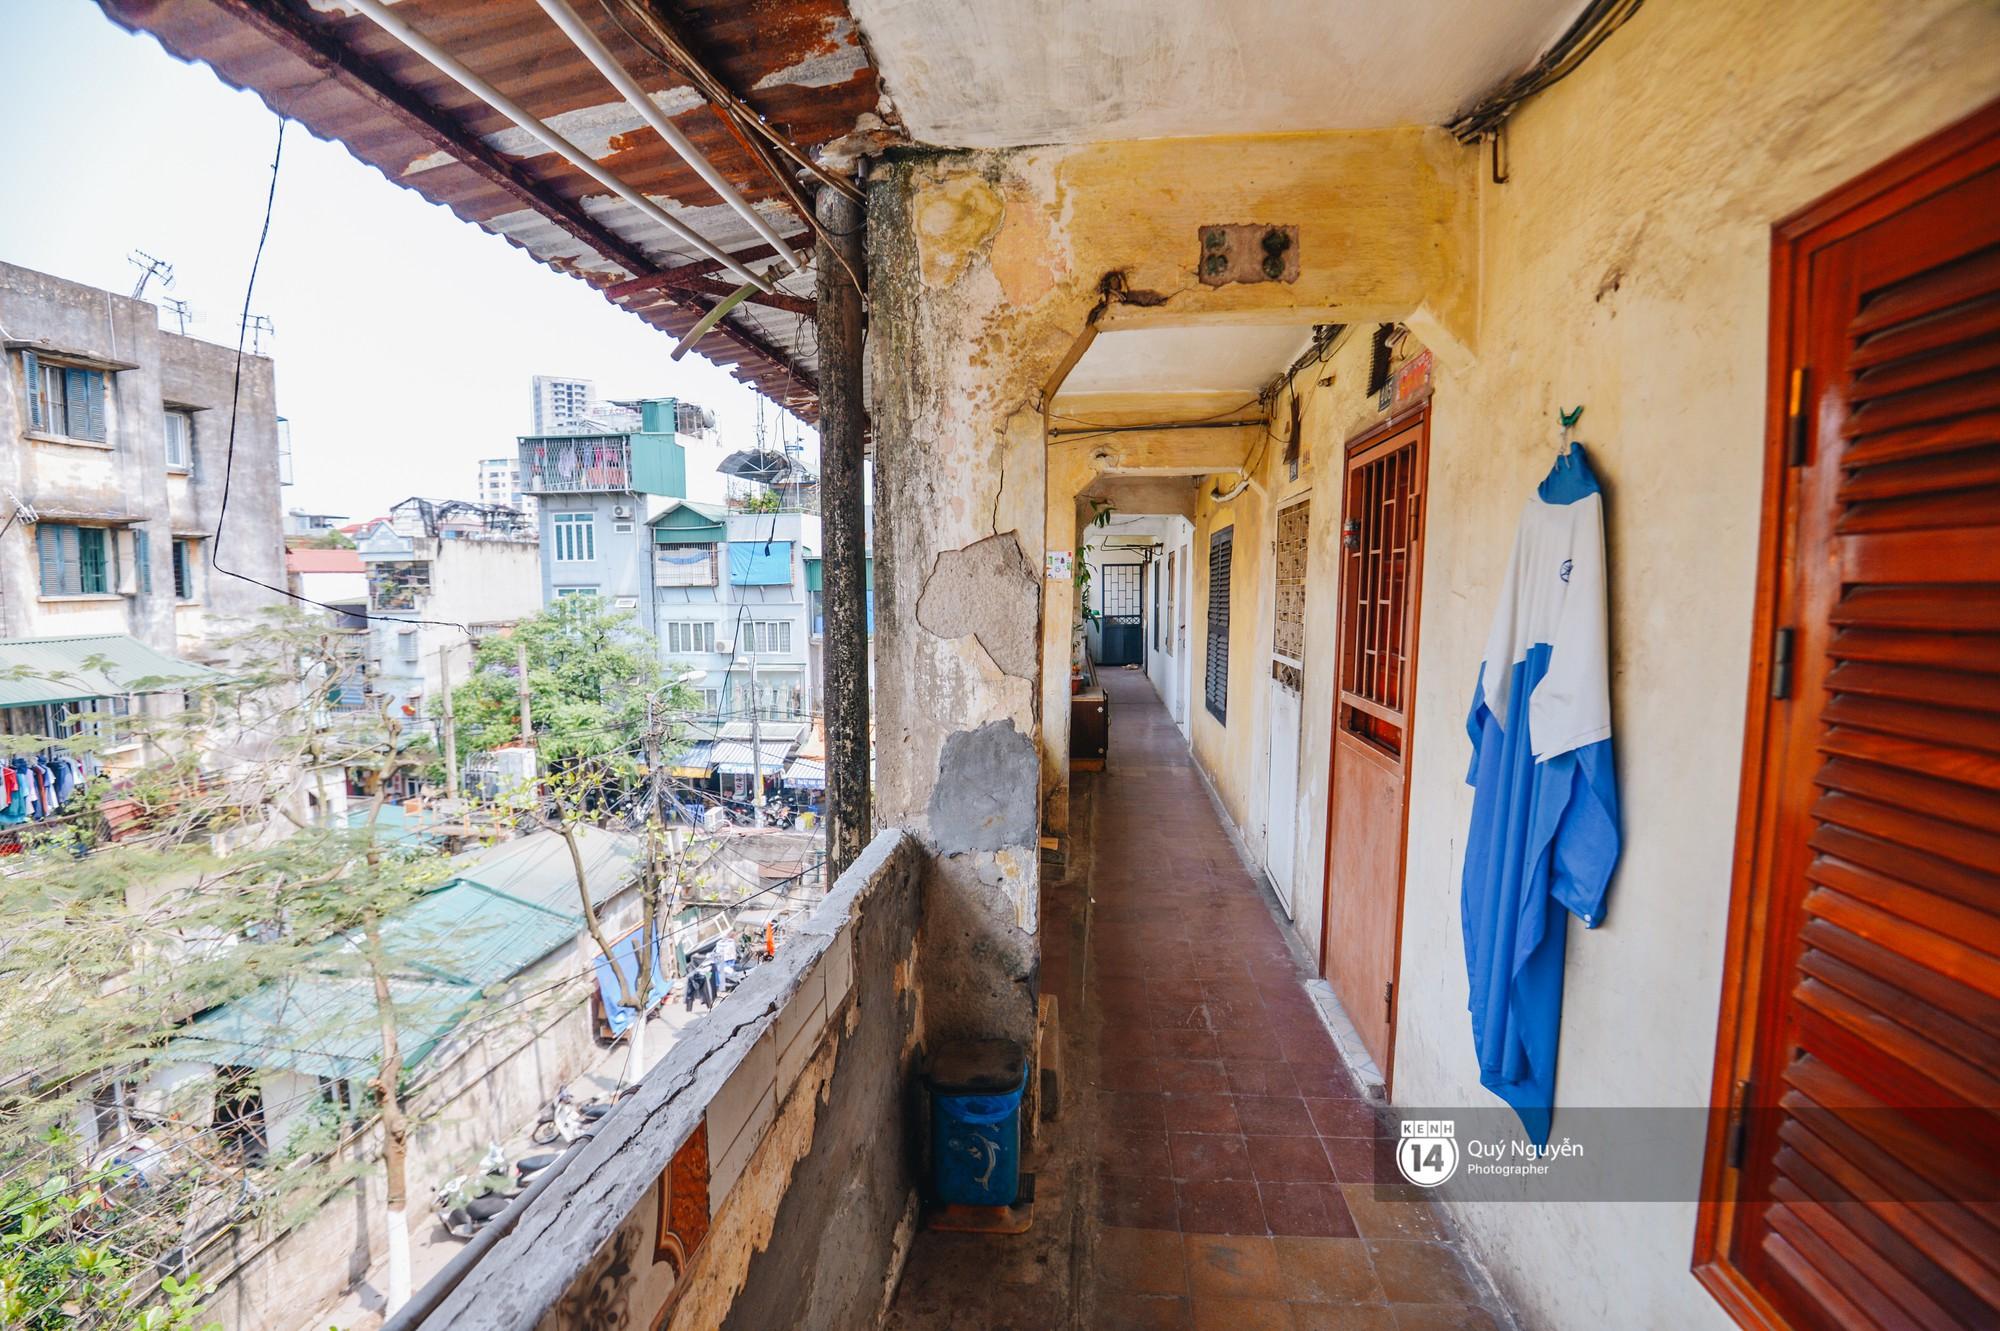 Chùm ảnh: Thấp thỏm sống trong chung cư tử thần đầy những vết nứt ở Hà Nội - Ảnh 10.